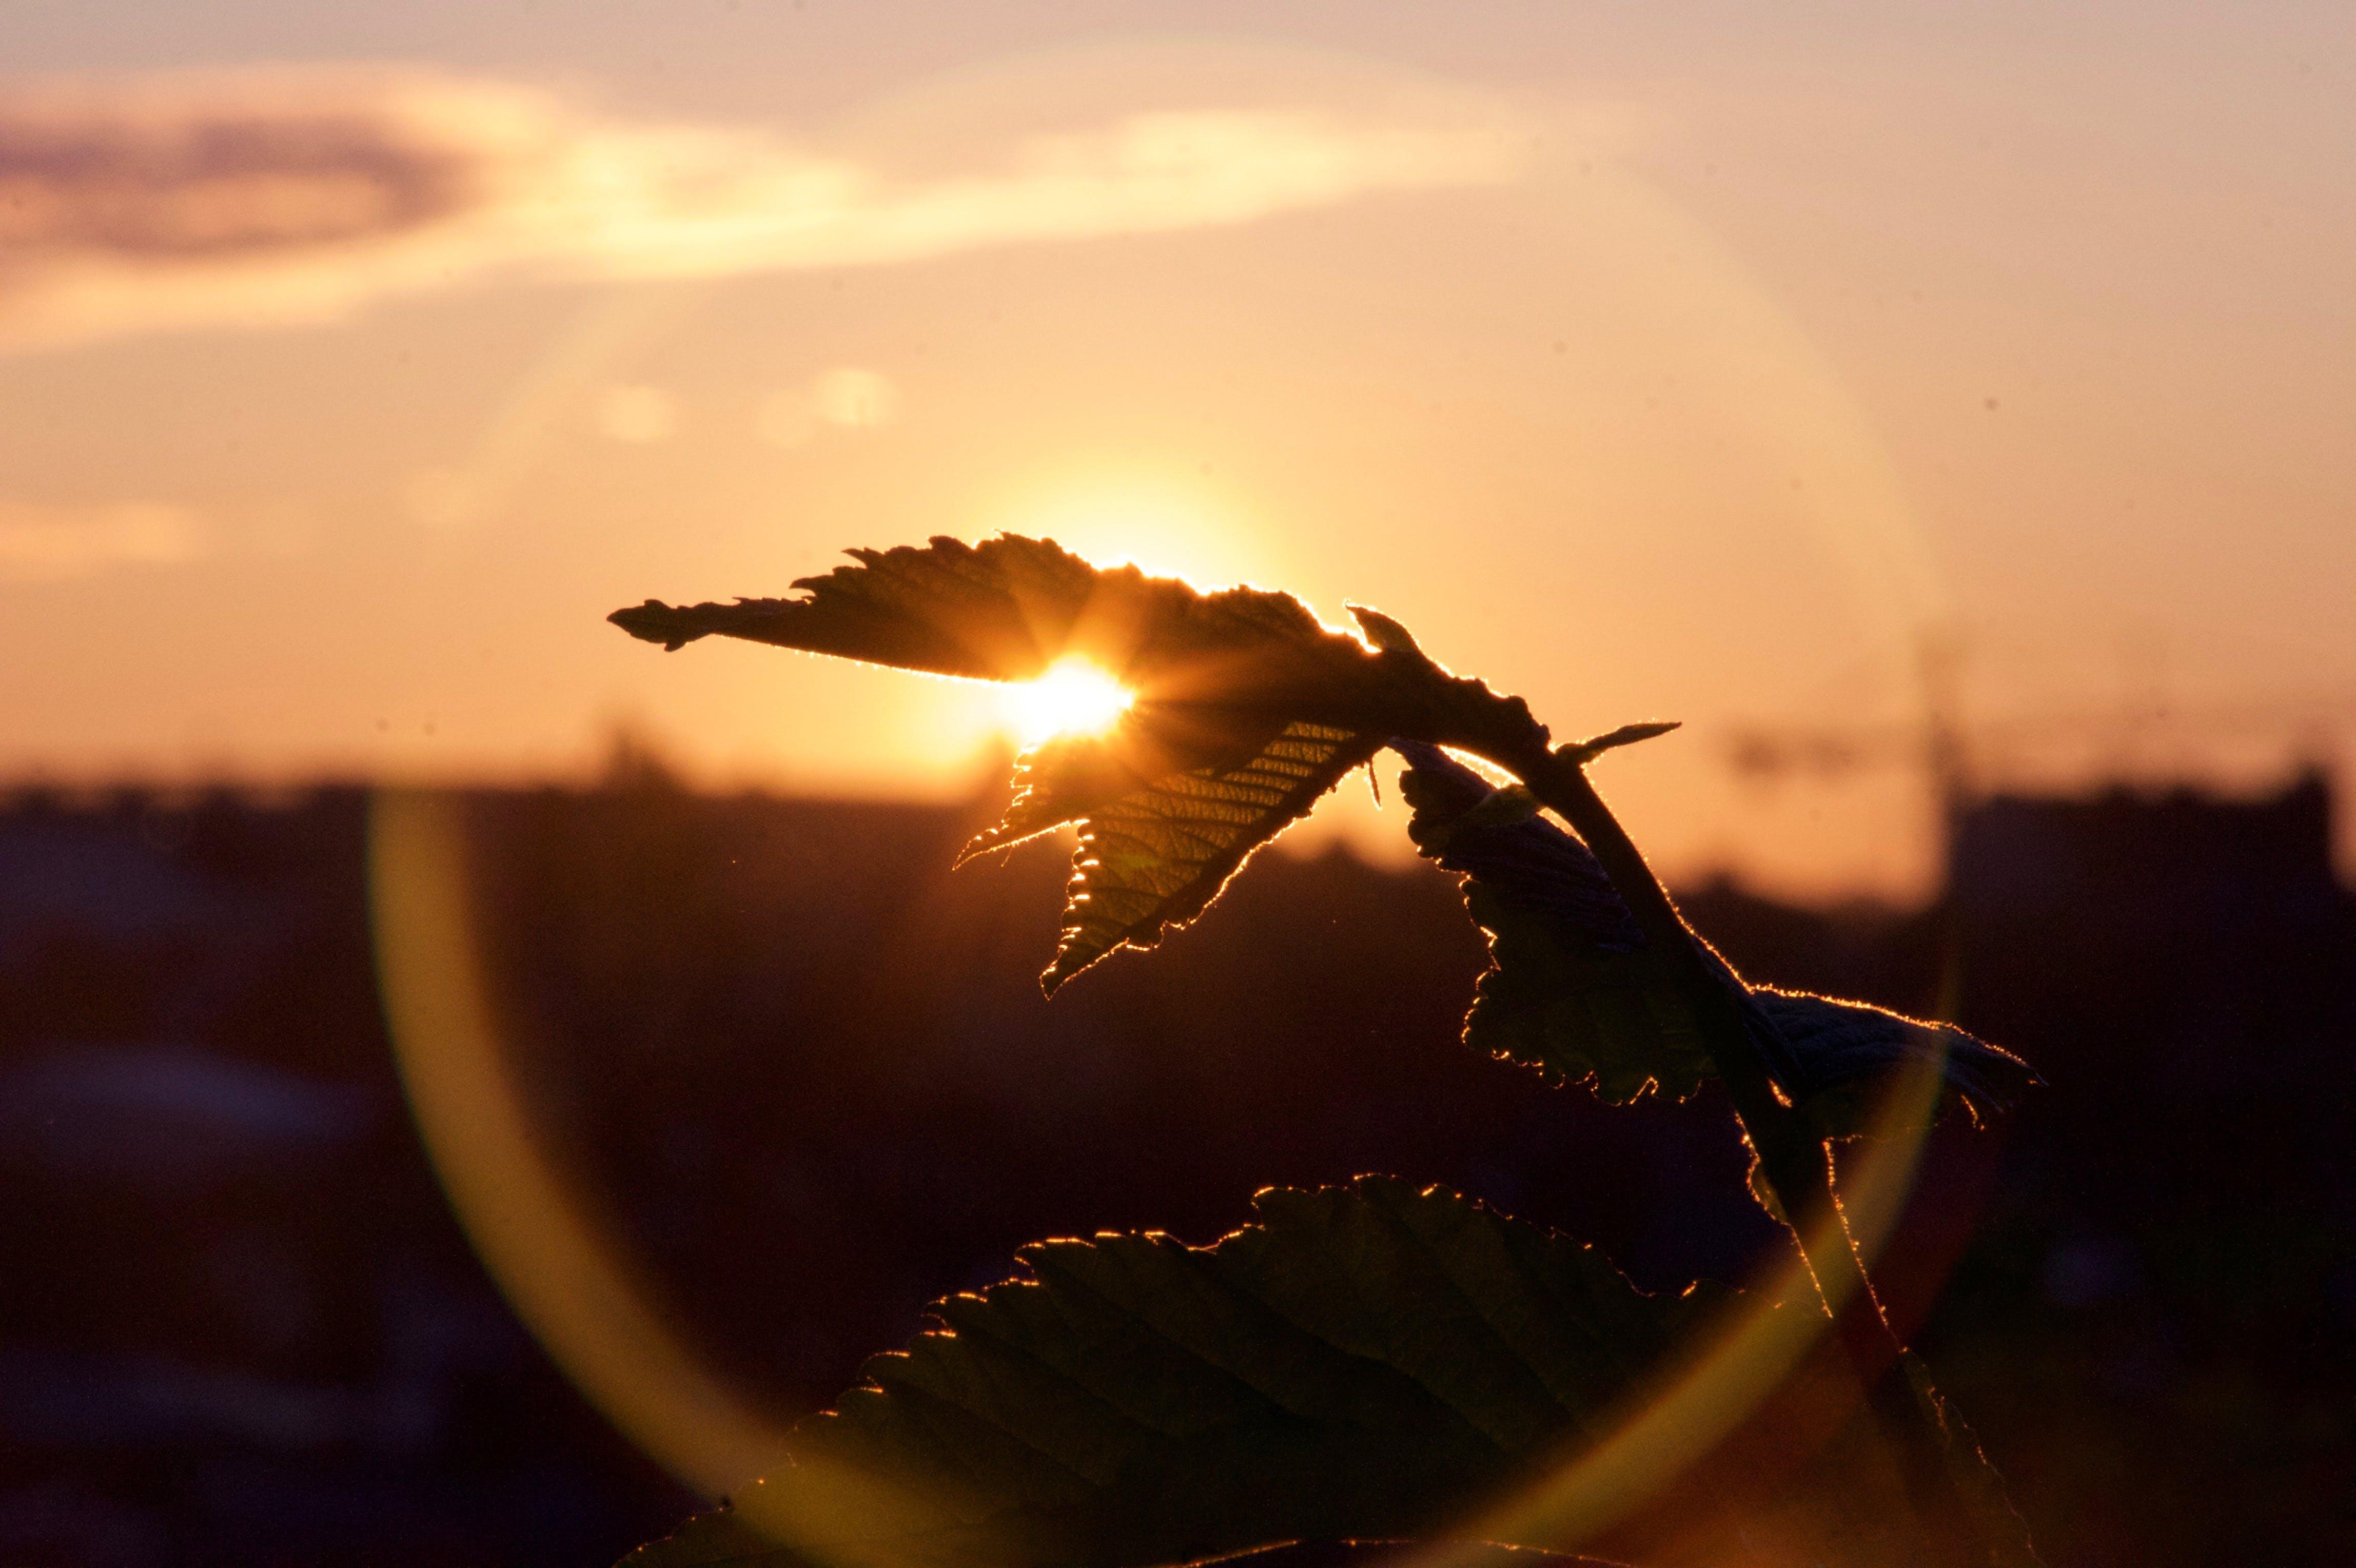 Free stock photo of sunrise, leaf